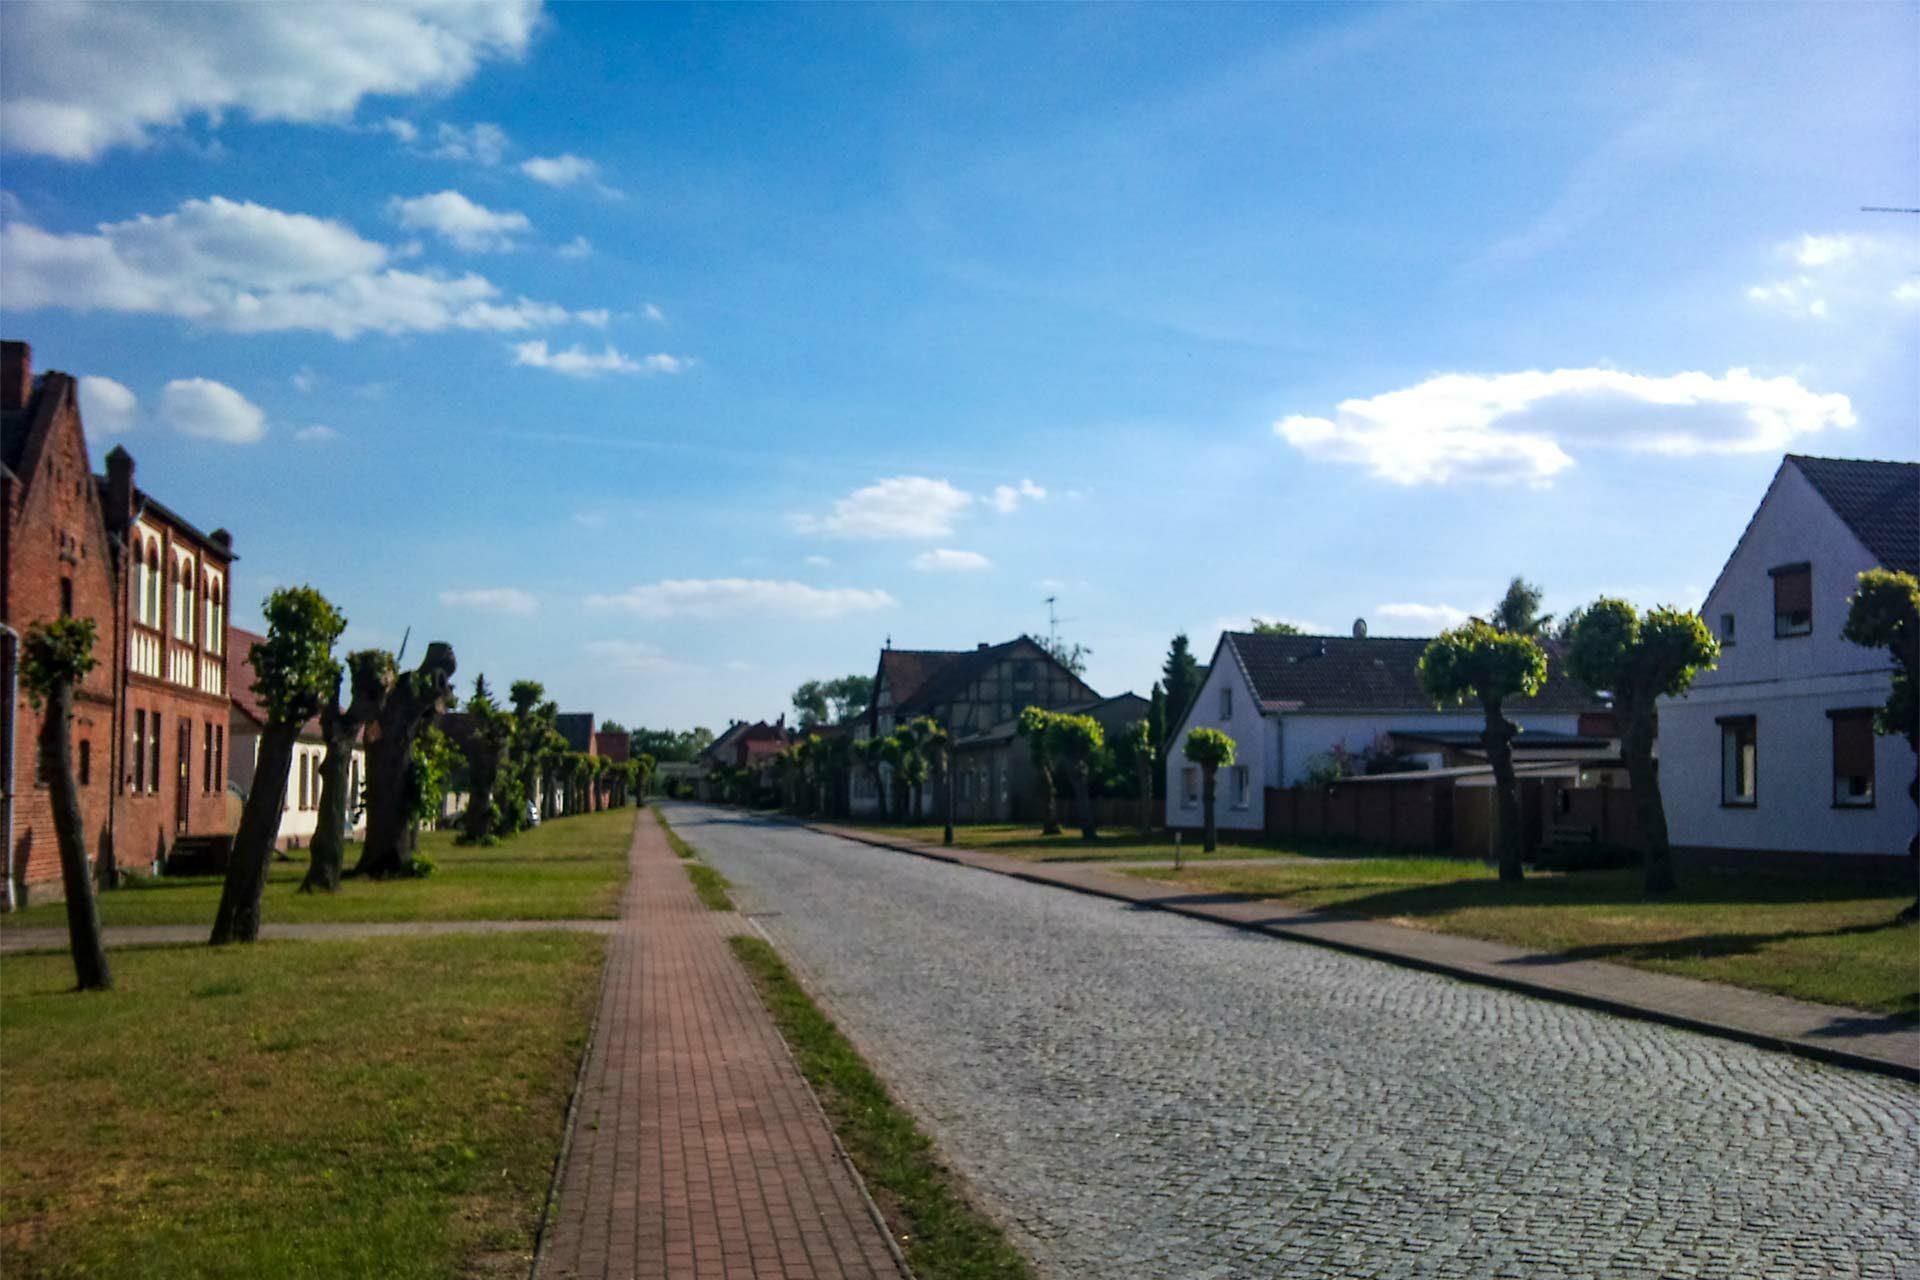 Direkt vor die Tore dieses idyllischen Dorfes ist die Massentierhaltungsanlage geplant.